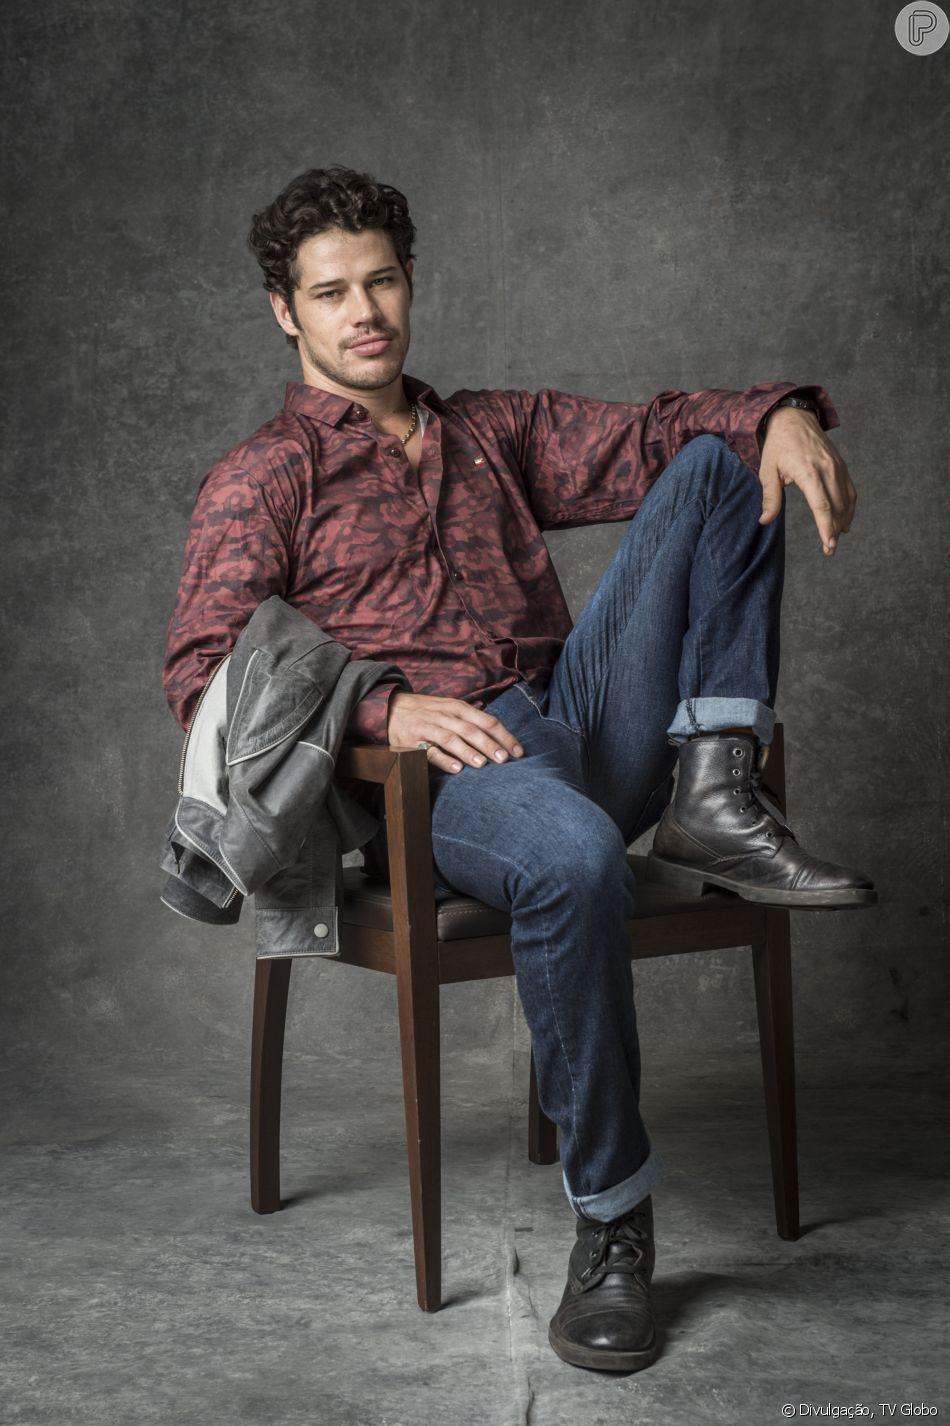 José Loreto se envolveu com atriz experiente e ex-'Malhação' em 'O Sétimo Guardião', afirmou Leo Dias nesta quarta-feira, dia 20 de fevereiro de 2019